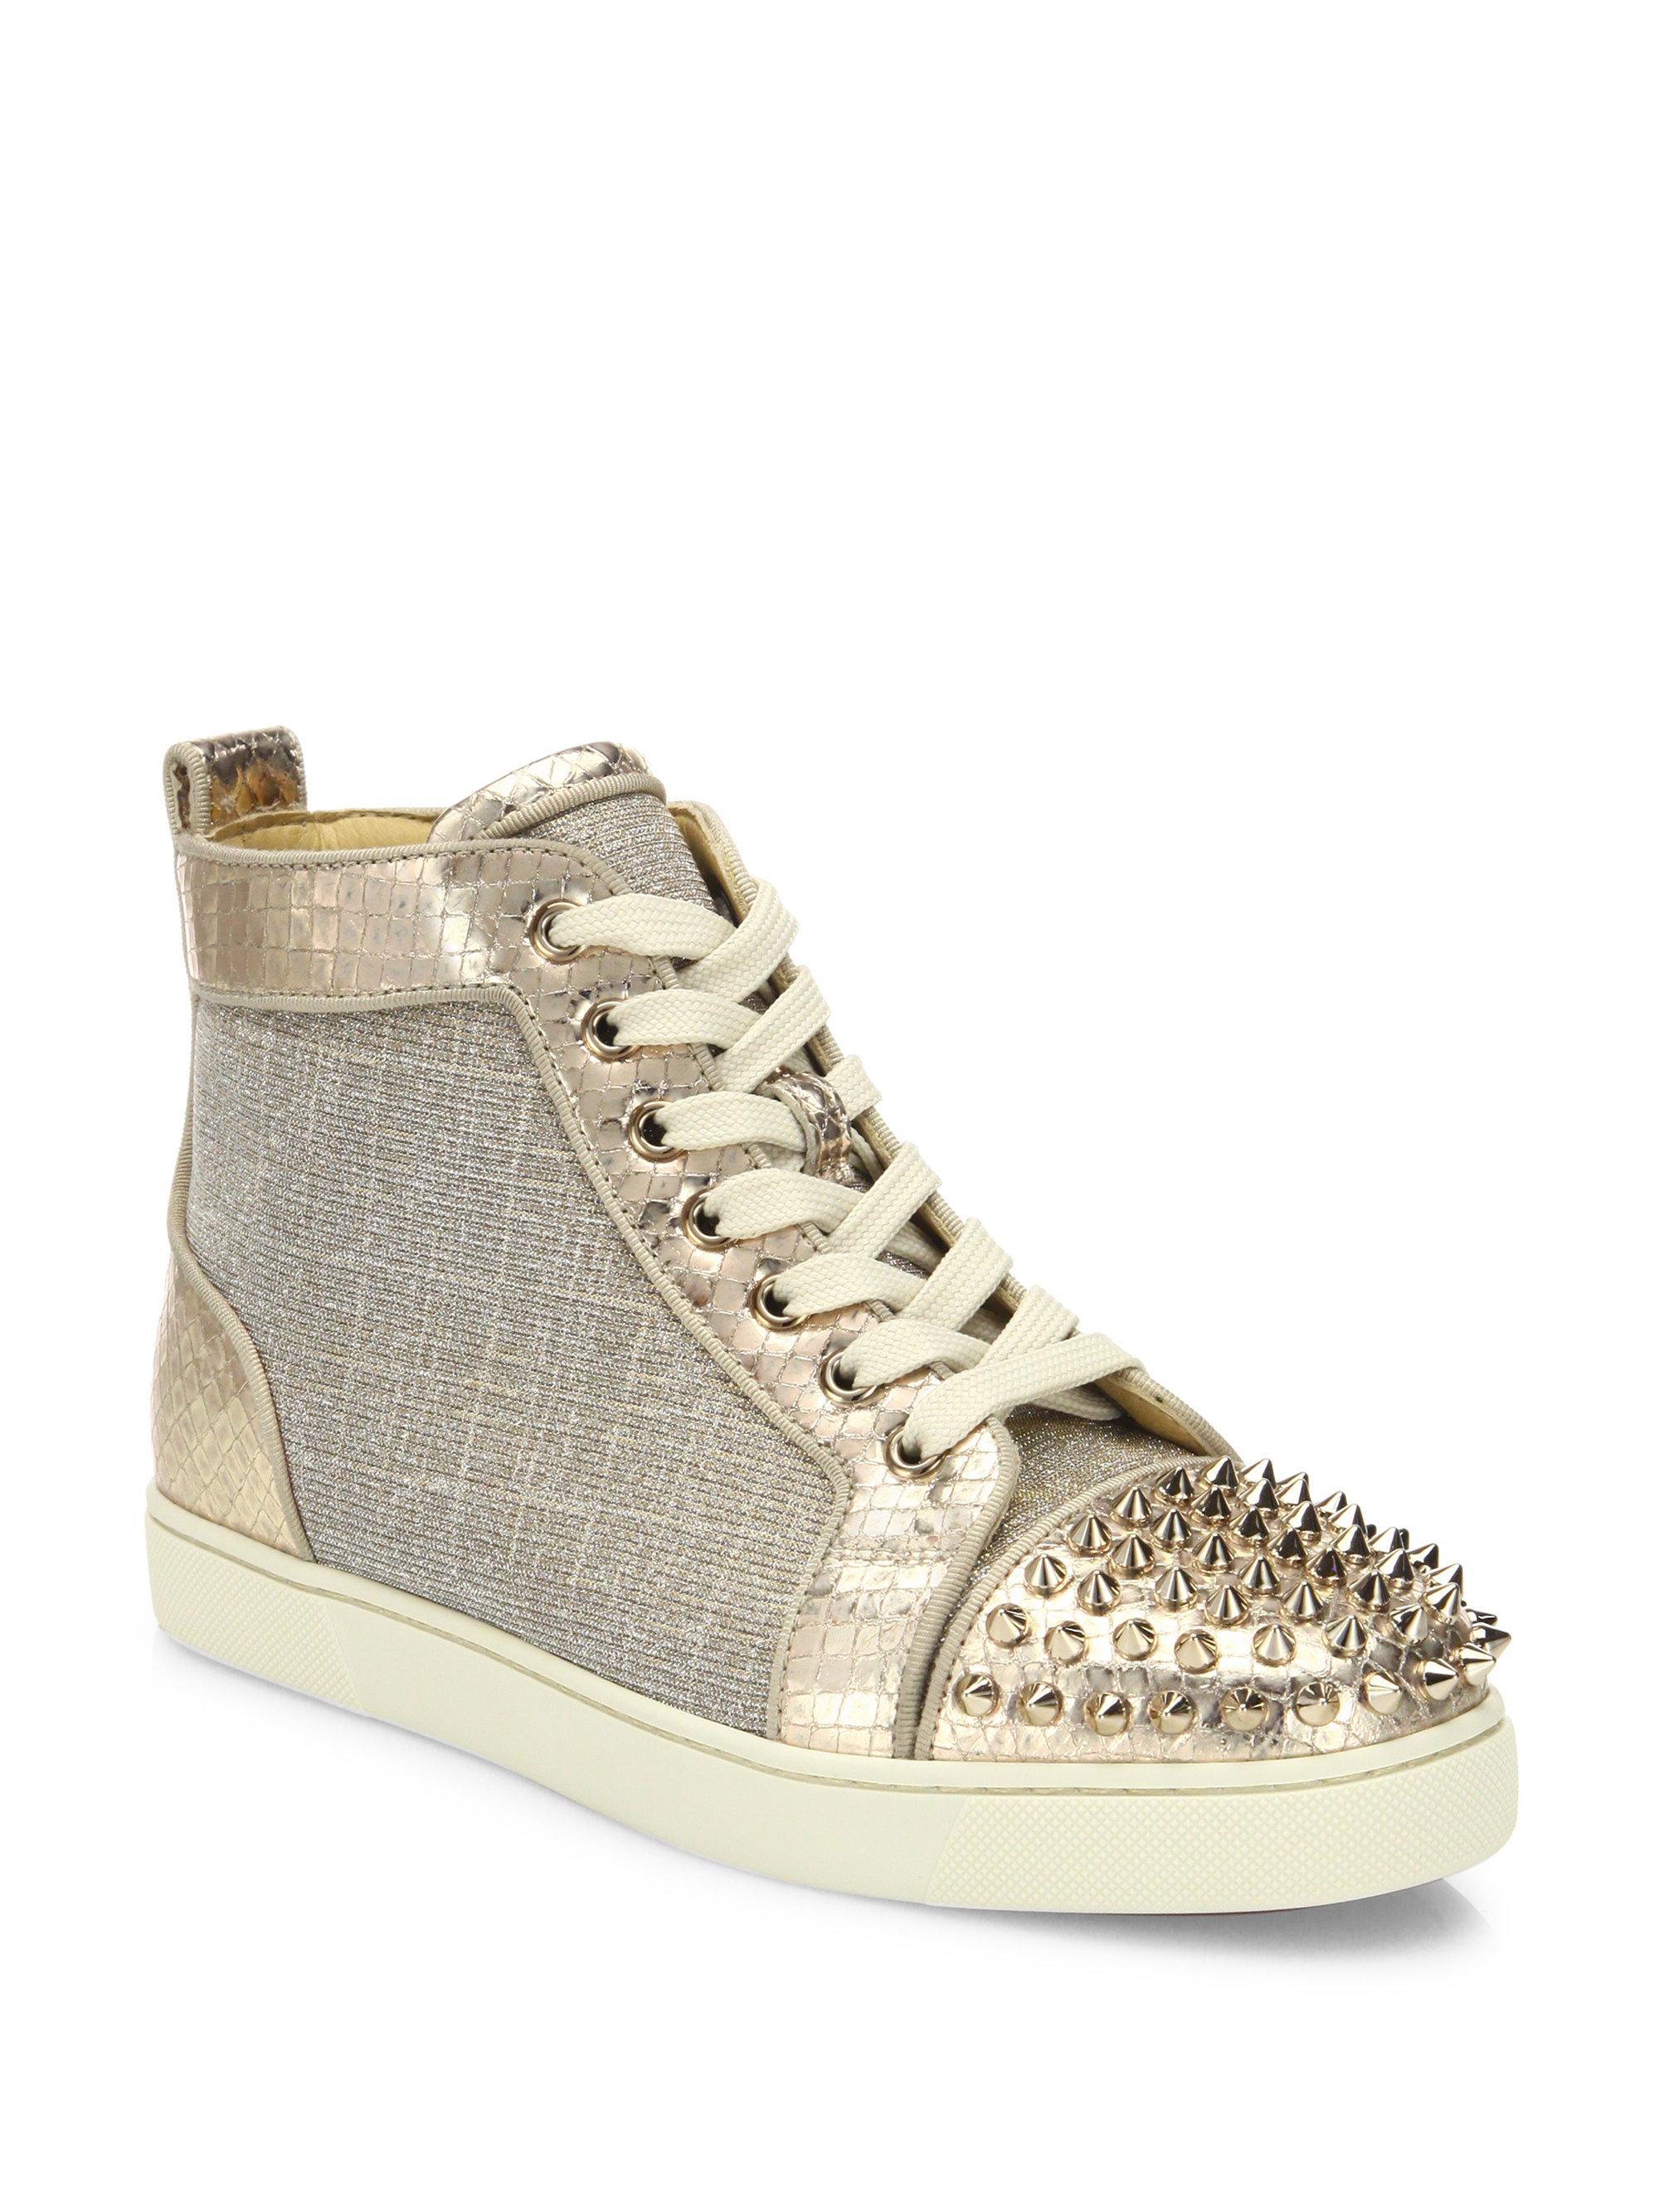 Lyst - Christian Louboutin Lou Spikes Metallic High-top Sneakers ca2ae3e18